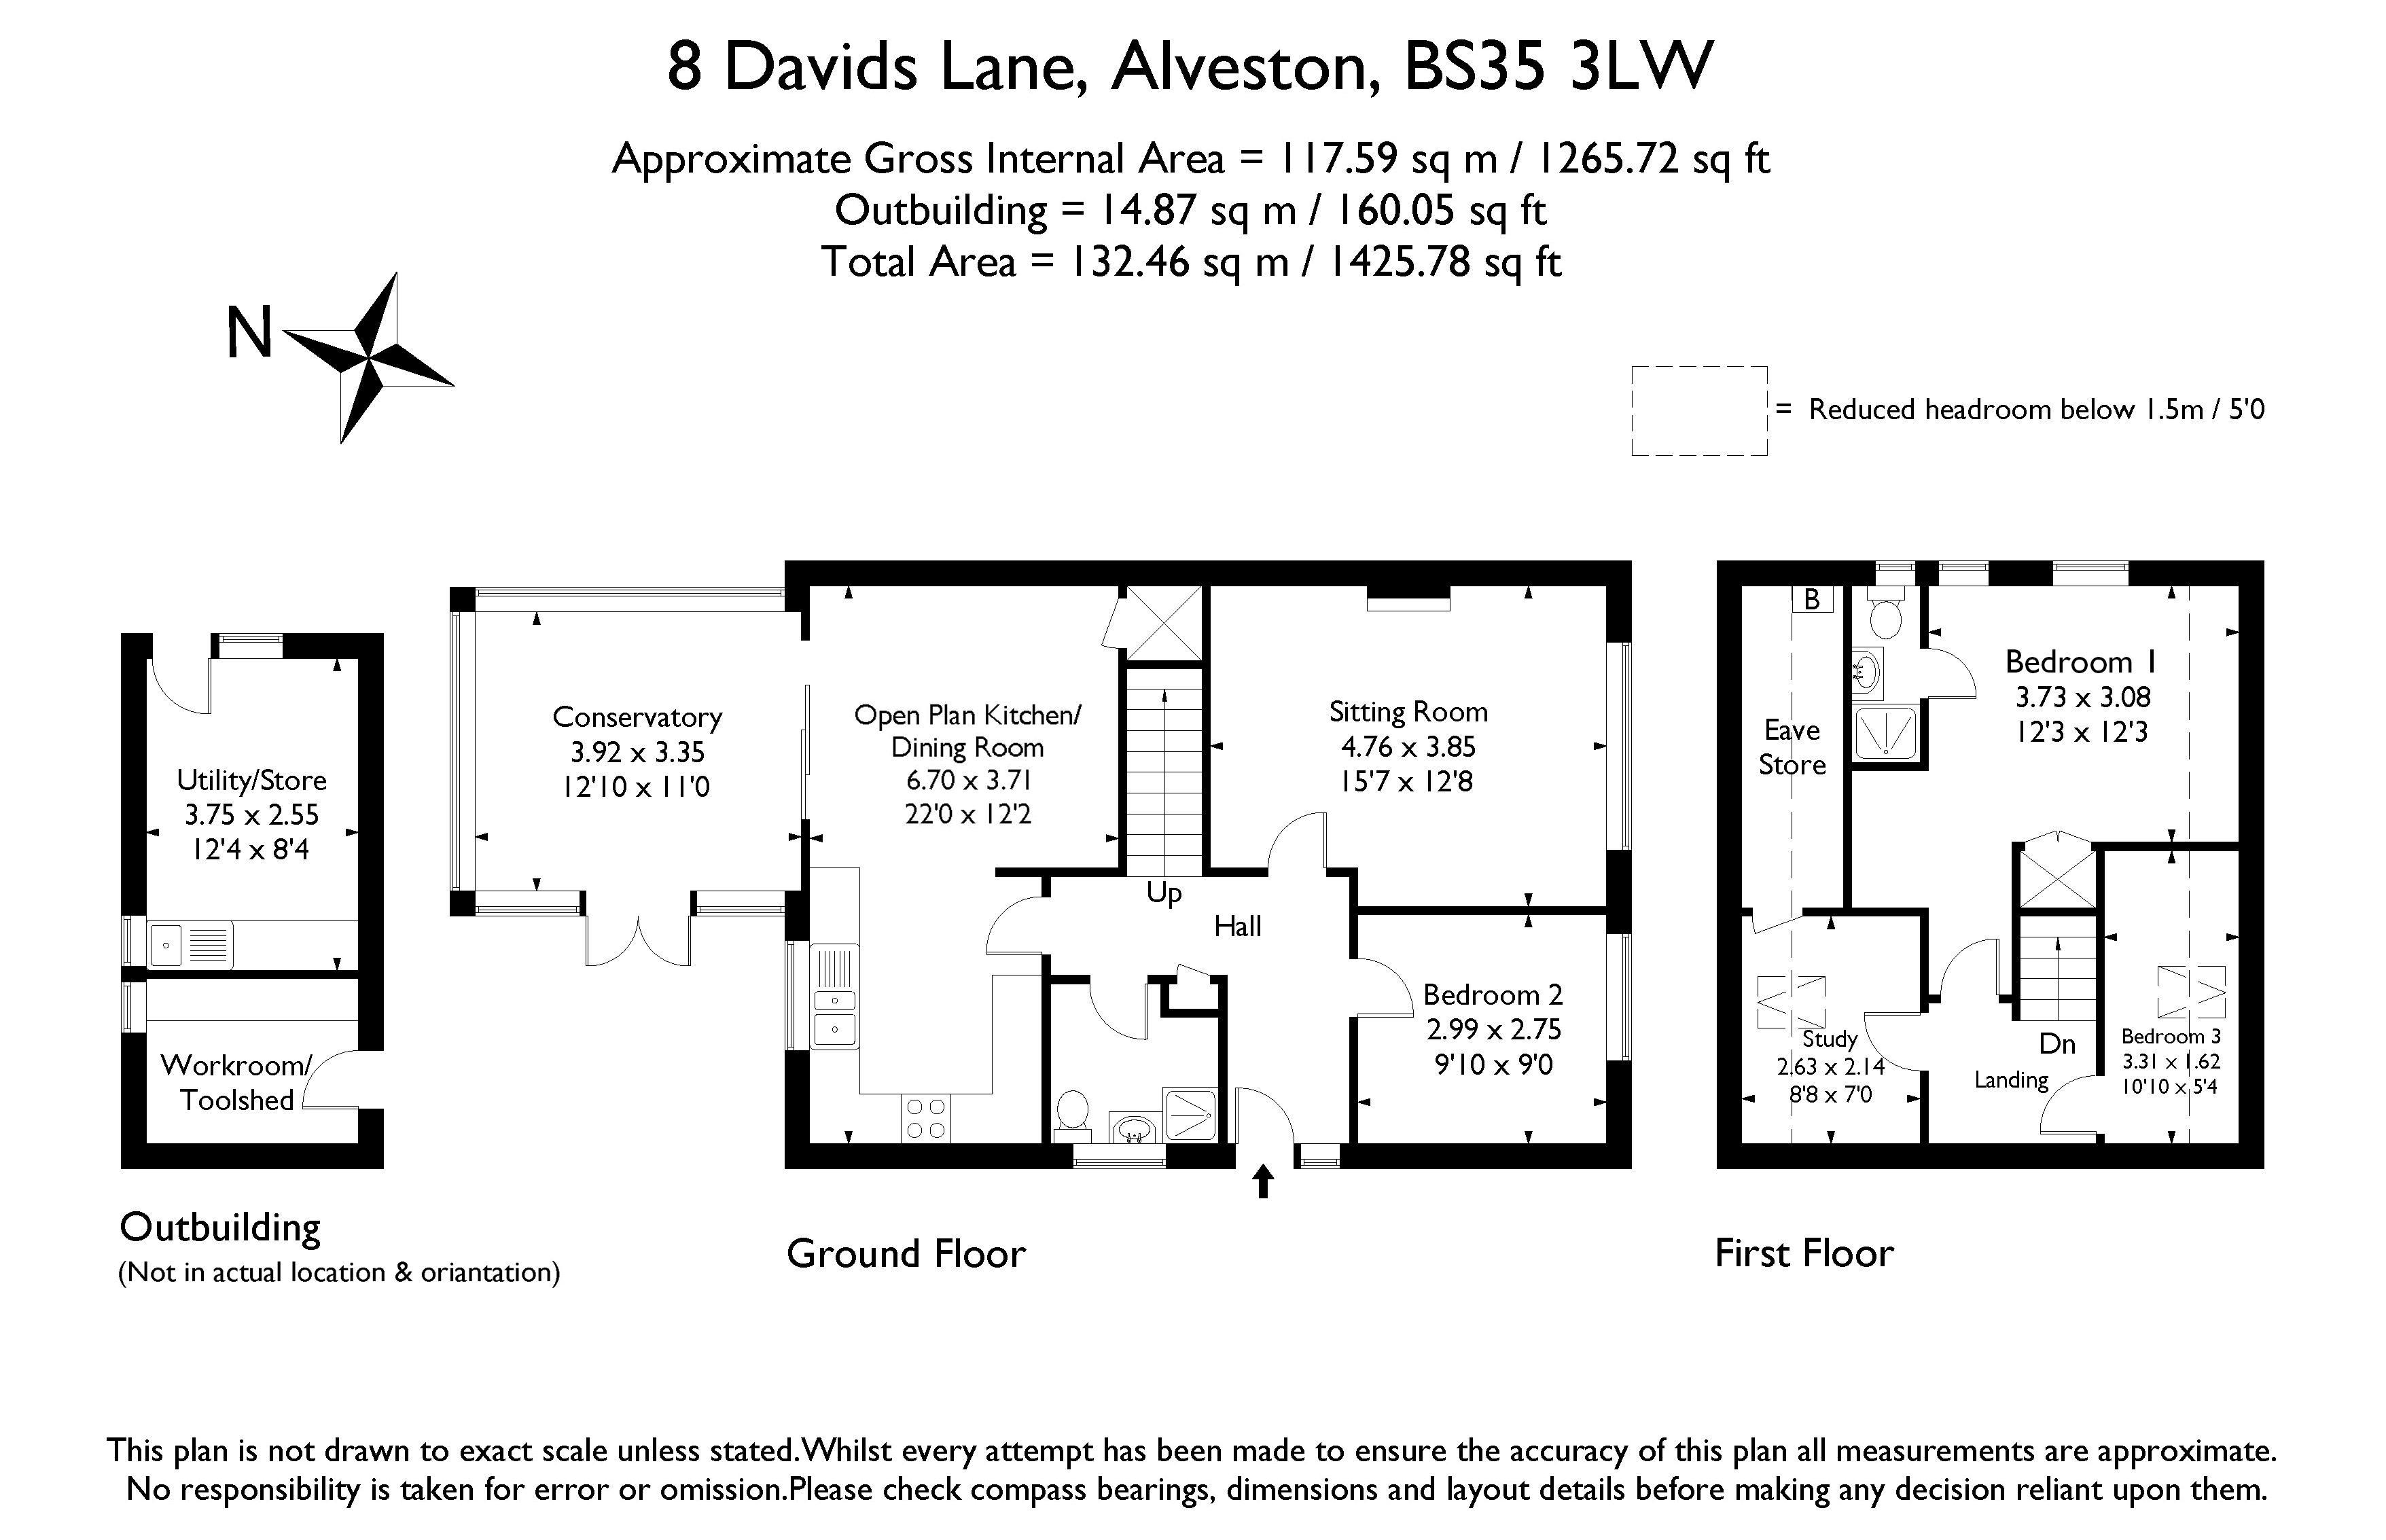 Davids Lane Alveston